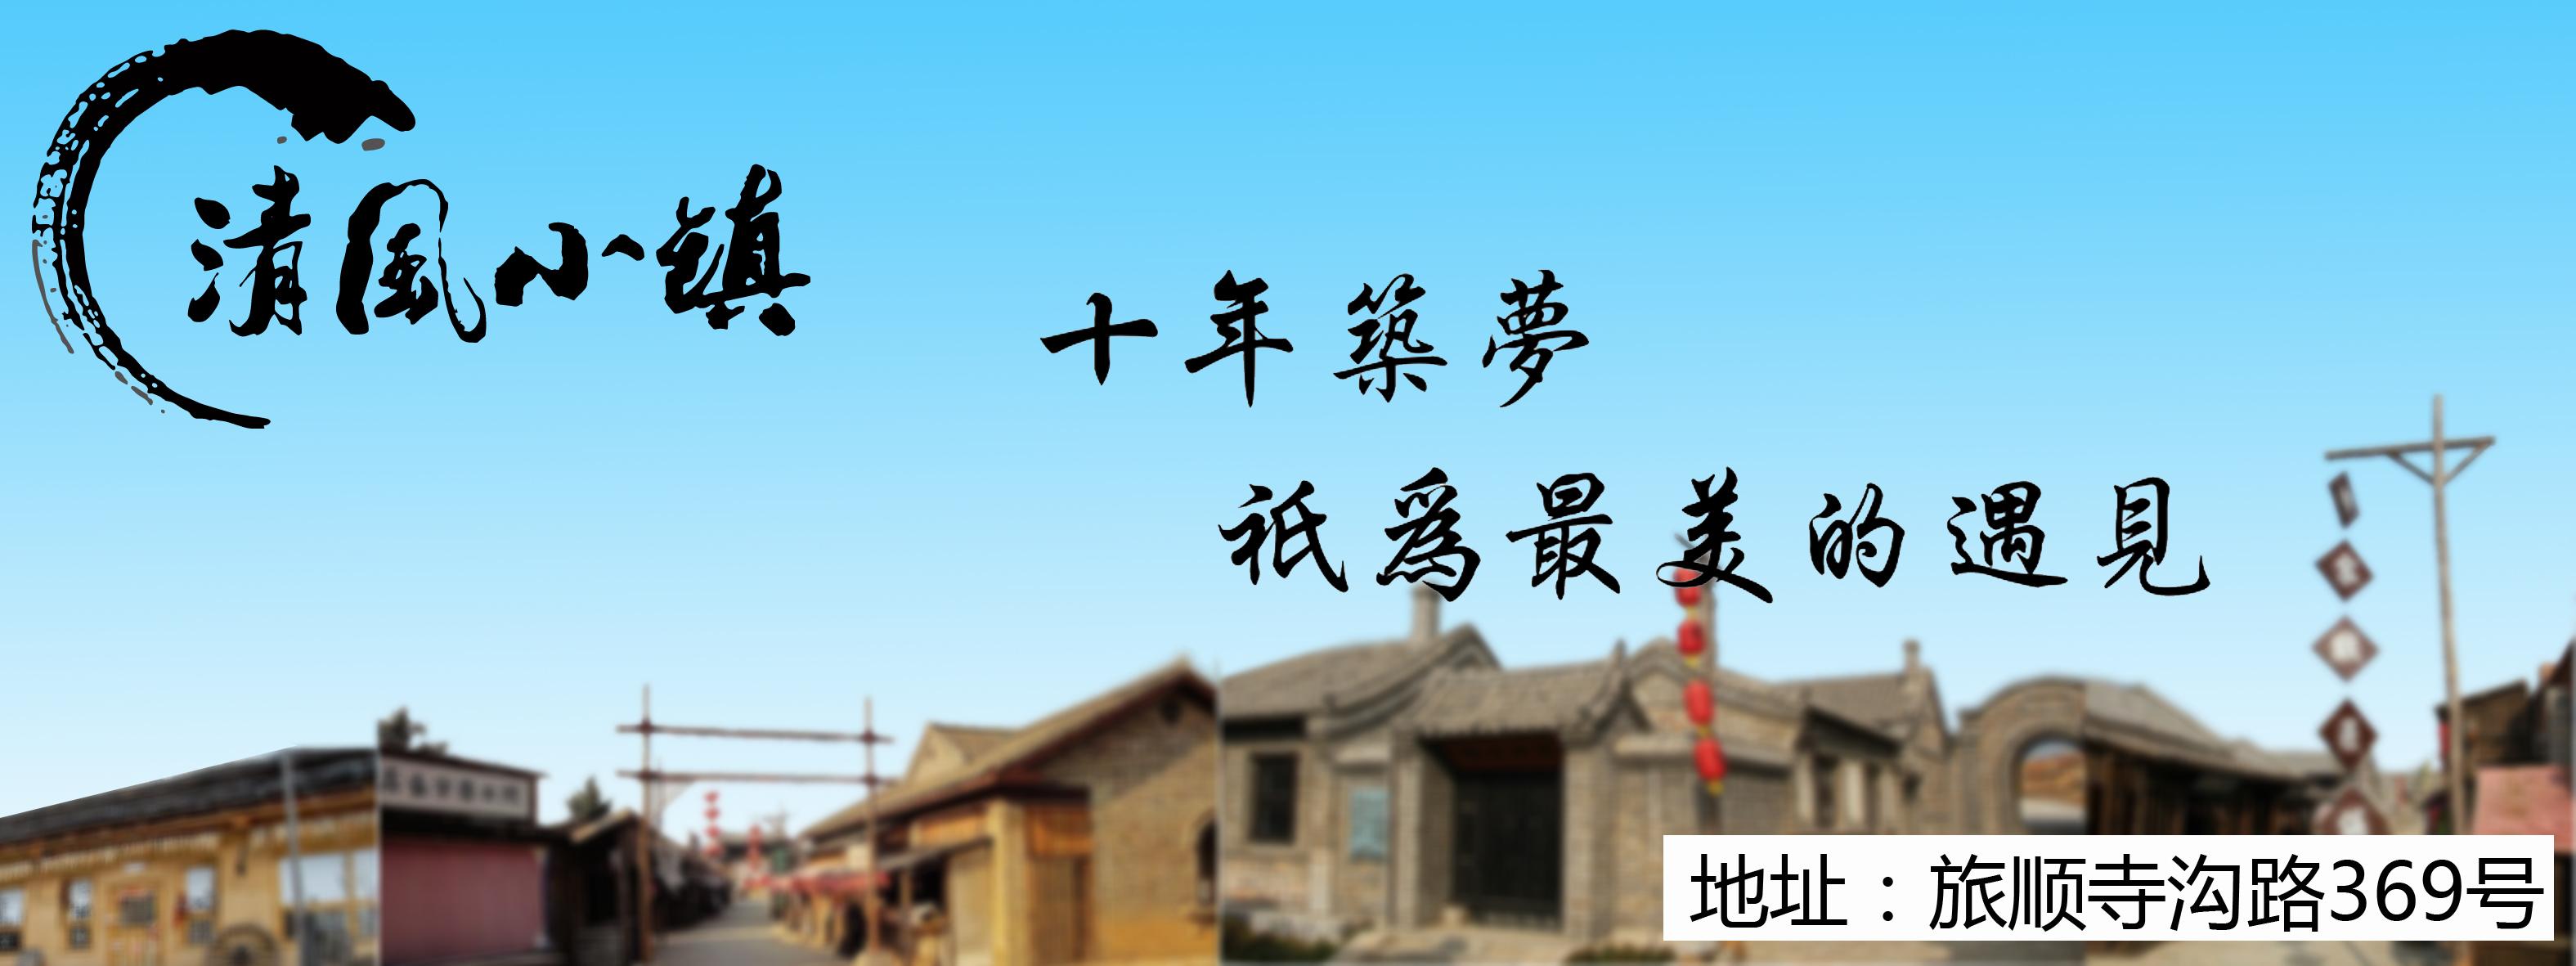 清风小镇影视基地户外广告牌设计_2963411_k68威客网